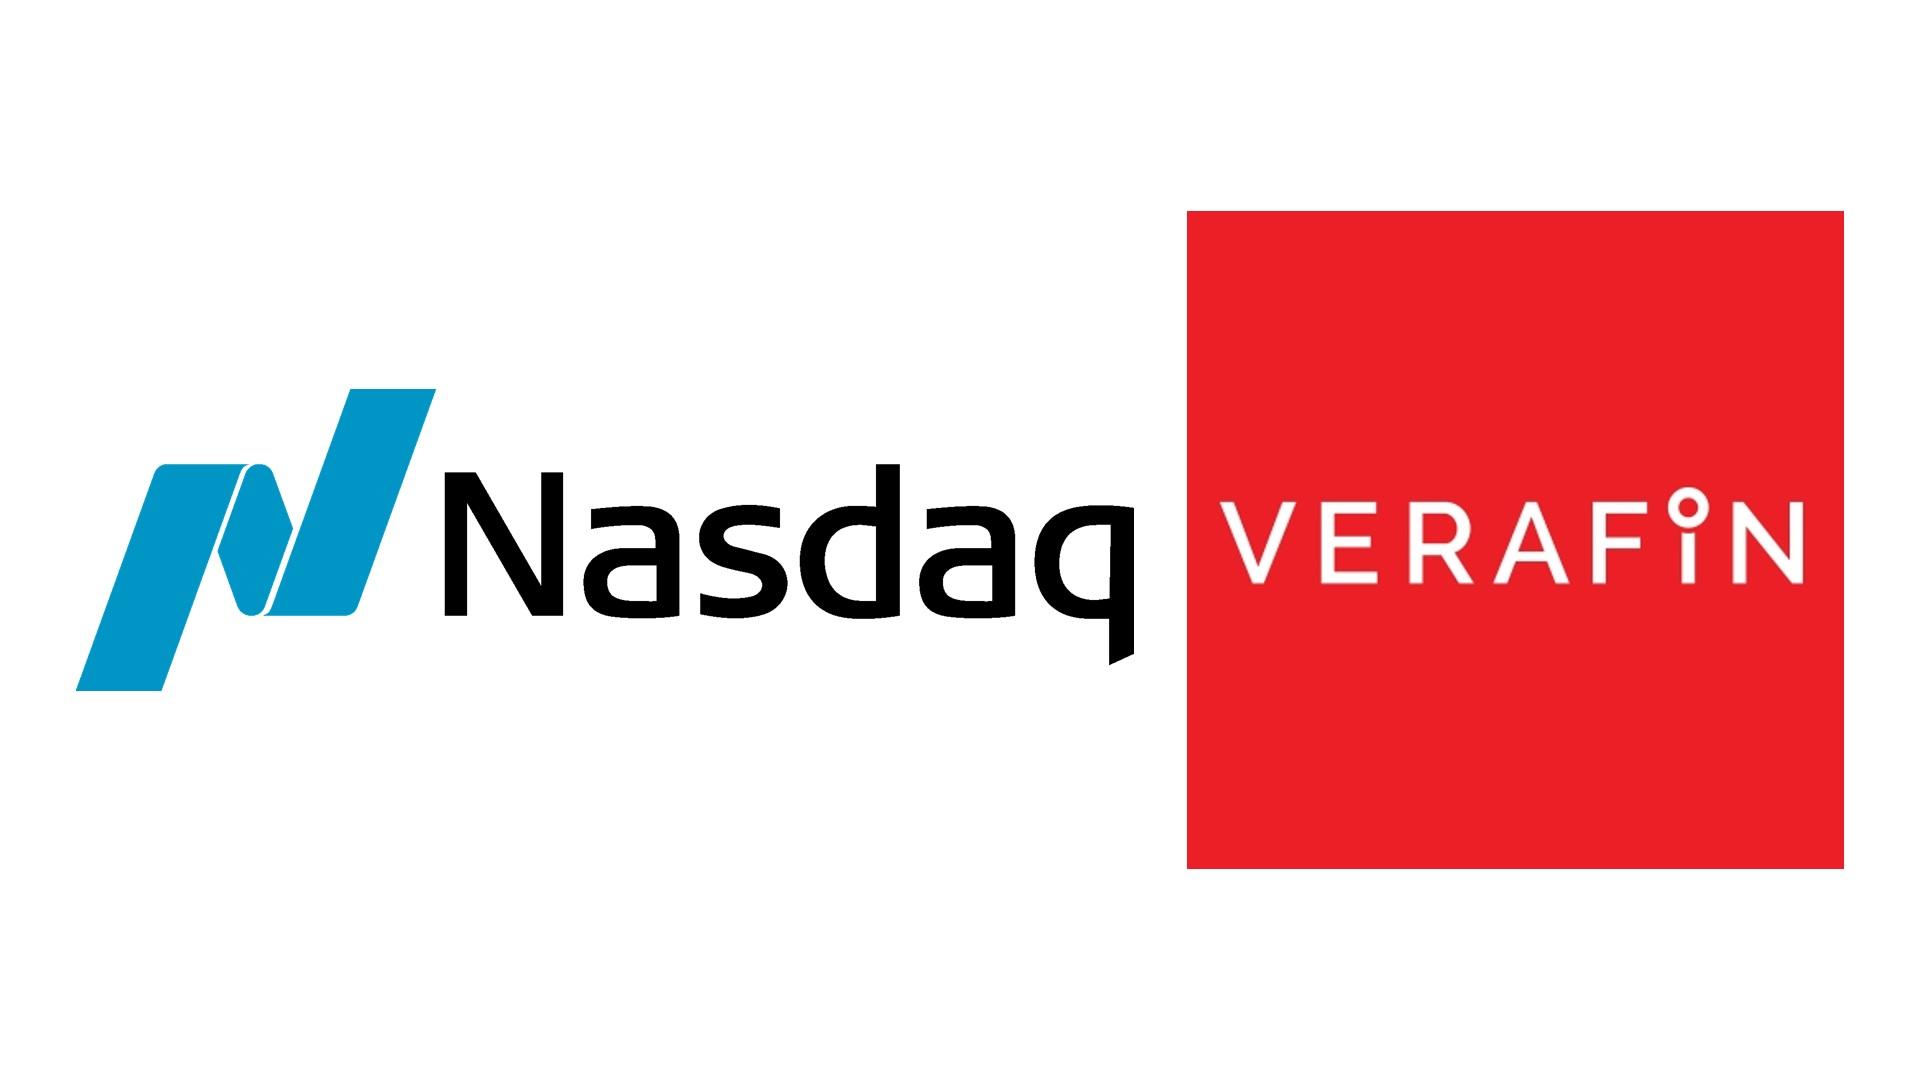 NASDAQ acquires Verafin